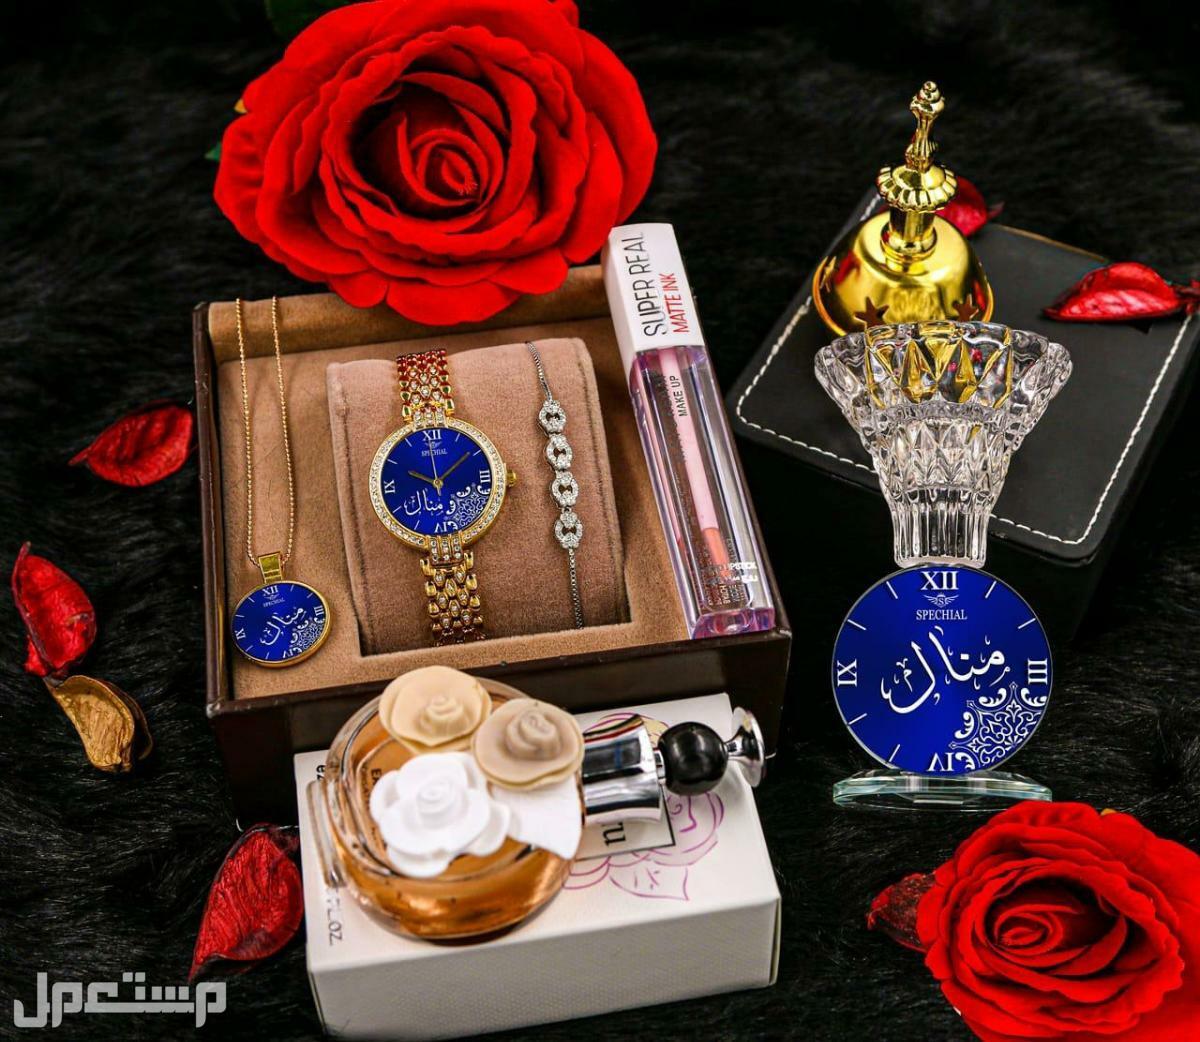 اطقم ساعات وهدايا نسائية باسم من تحب